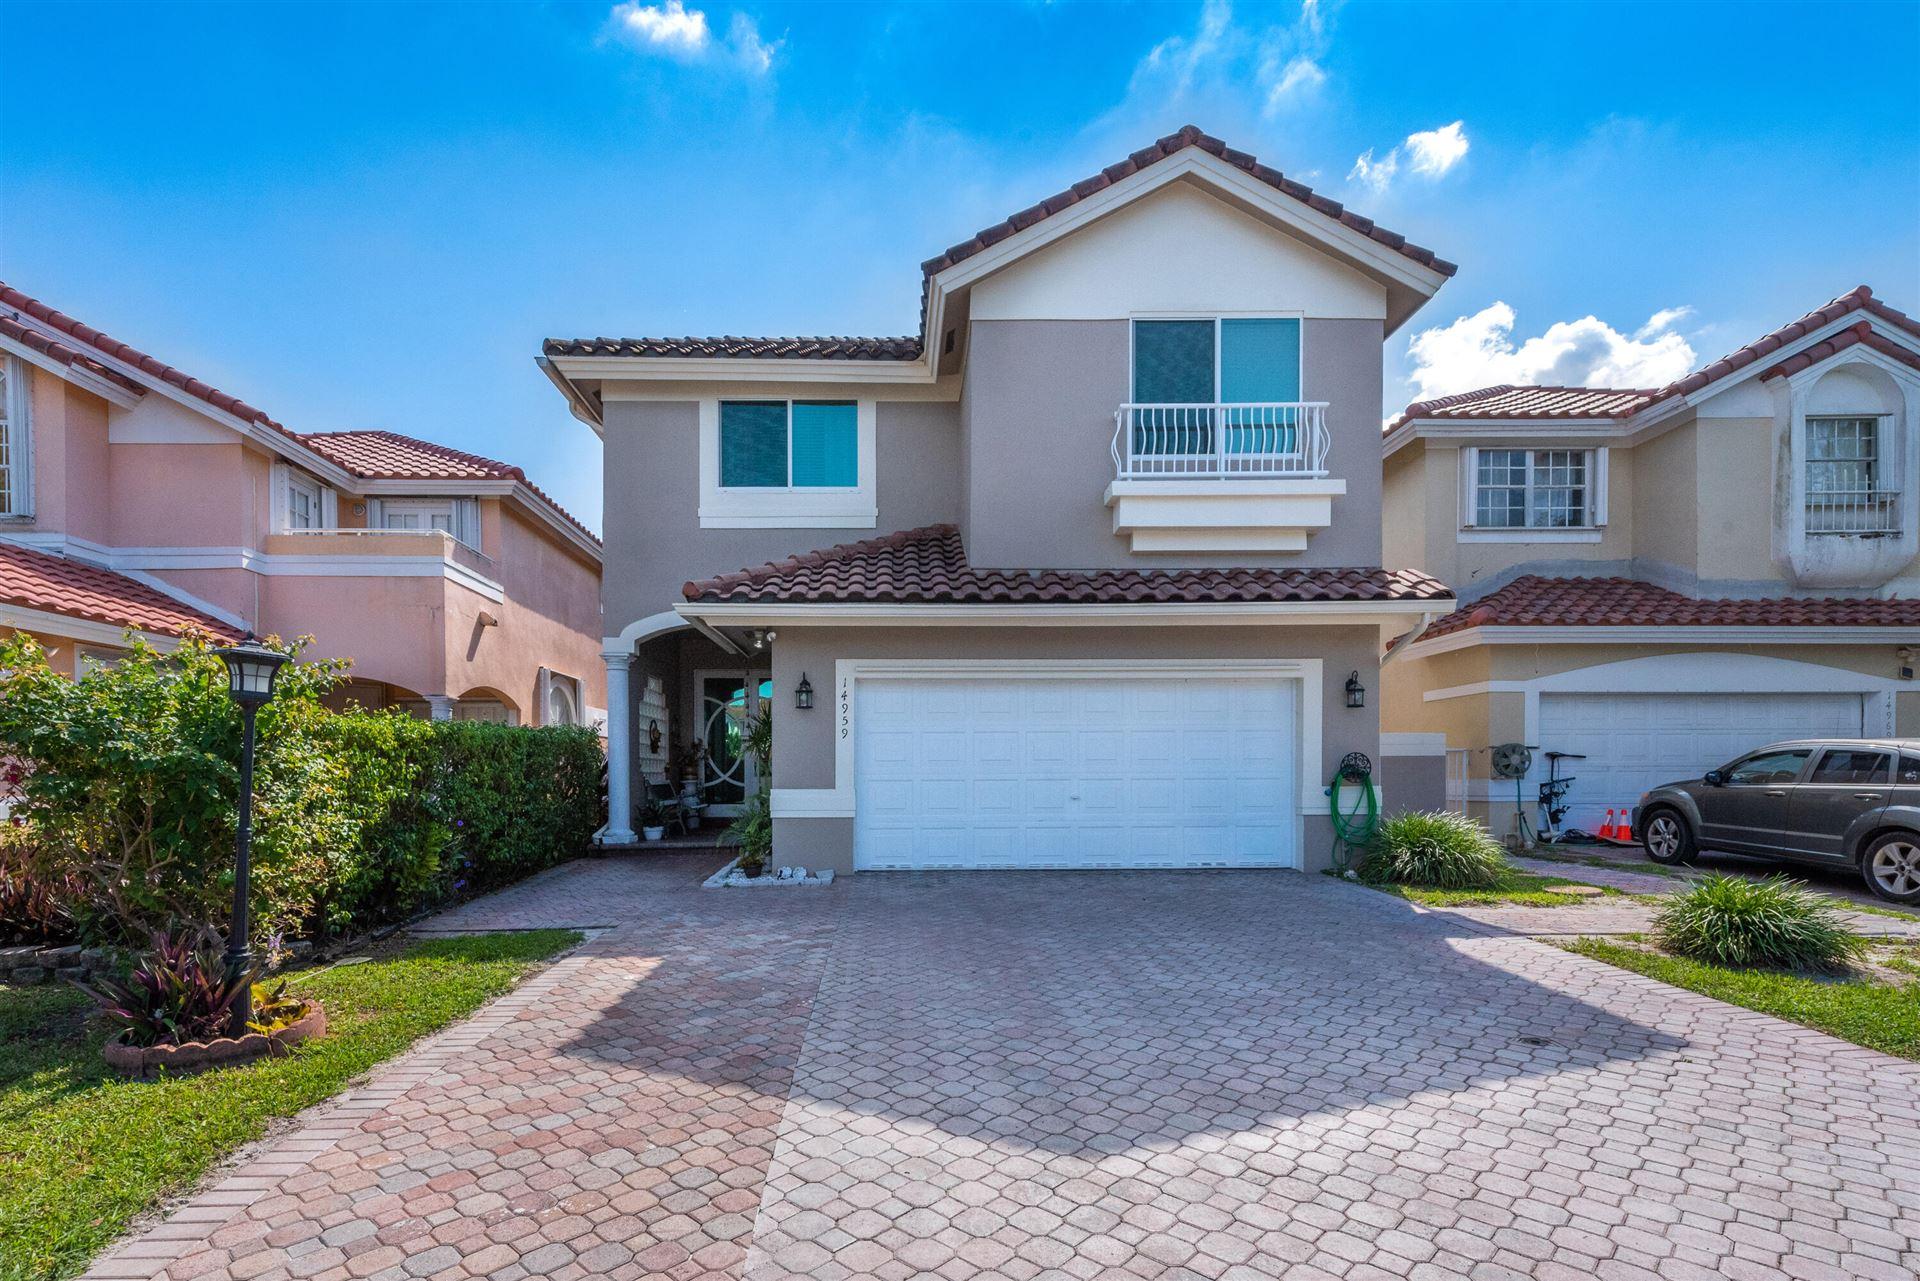 14959 SW 132 Avenue N, Miami, FL 33186 - MLS#: RX-10752950